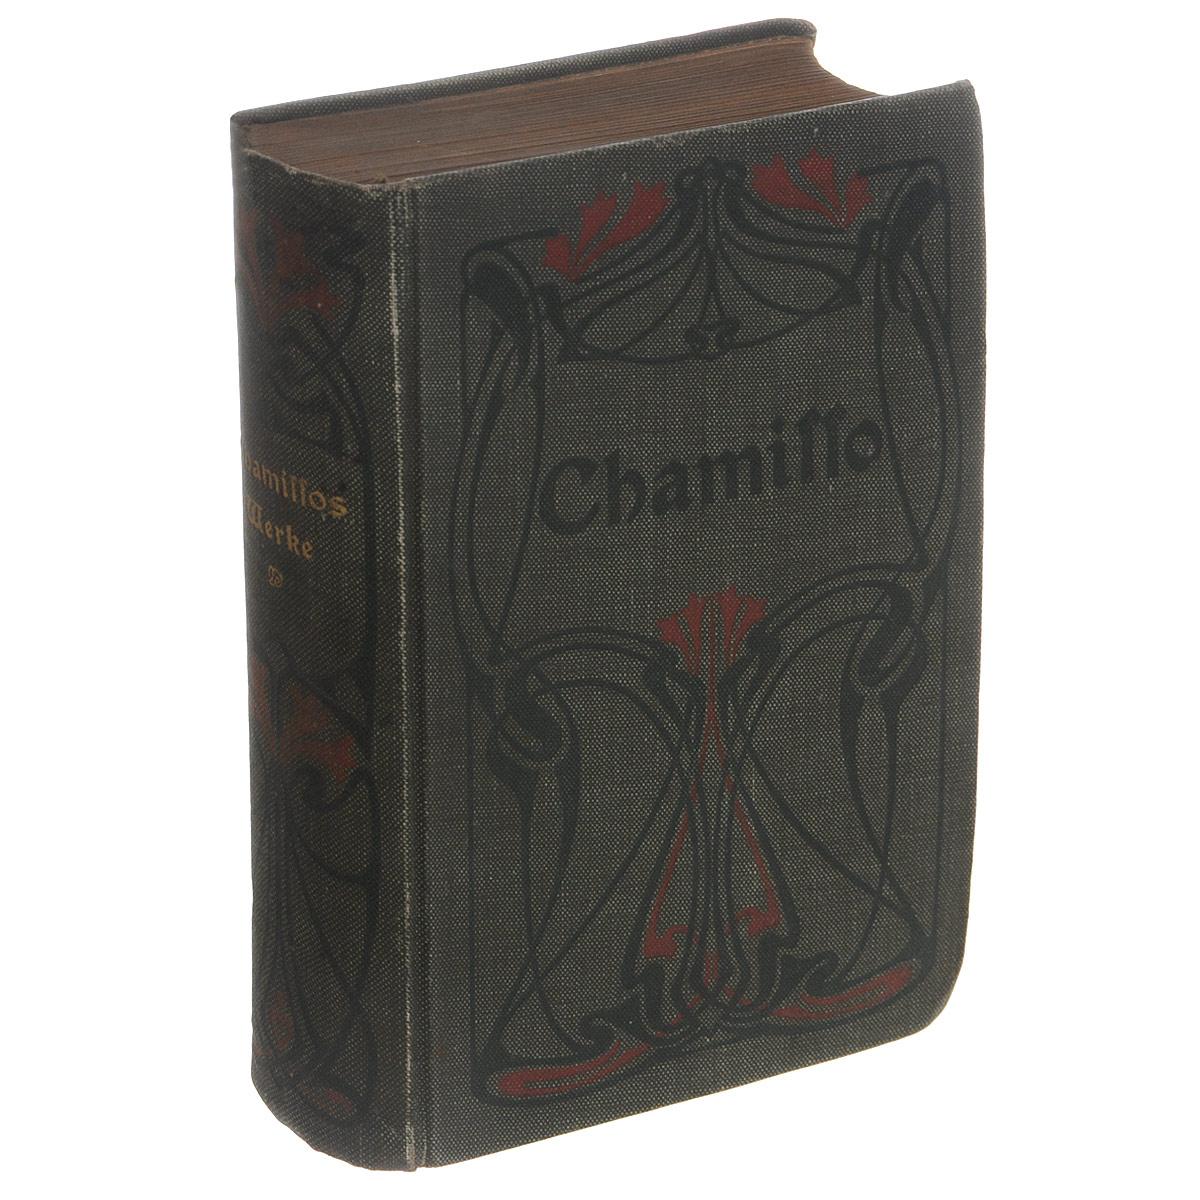 Chamisso. Samtliche WerkeПК301004_лимонный, салатовыйВашему вниманию предлагается антикварное издание 1910 года Samtliche Werke. Издательский переплет, сохранность хорошая.